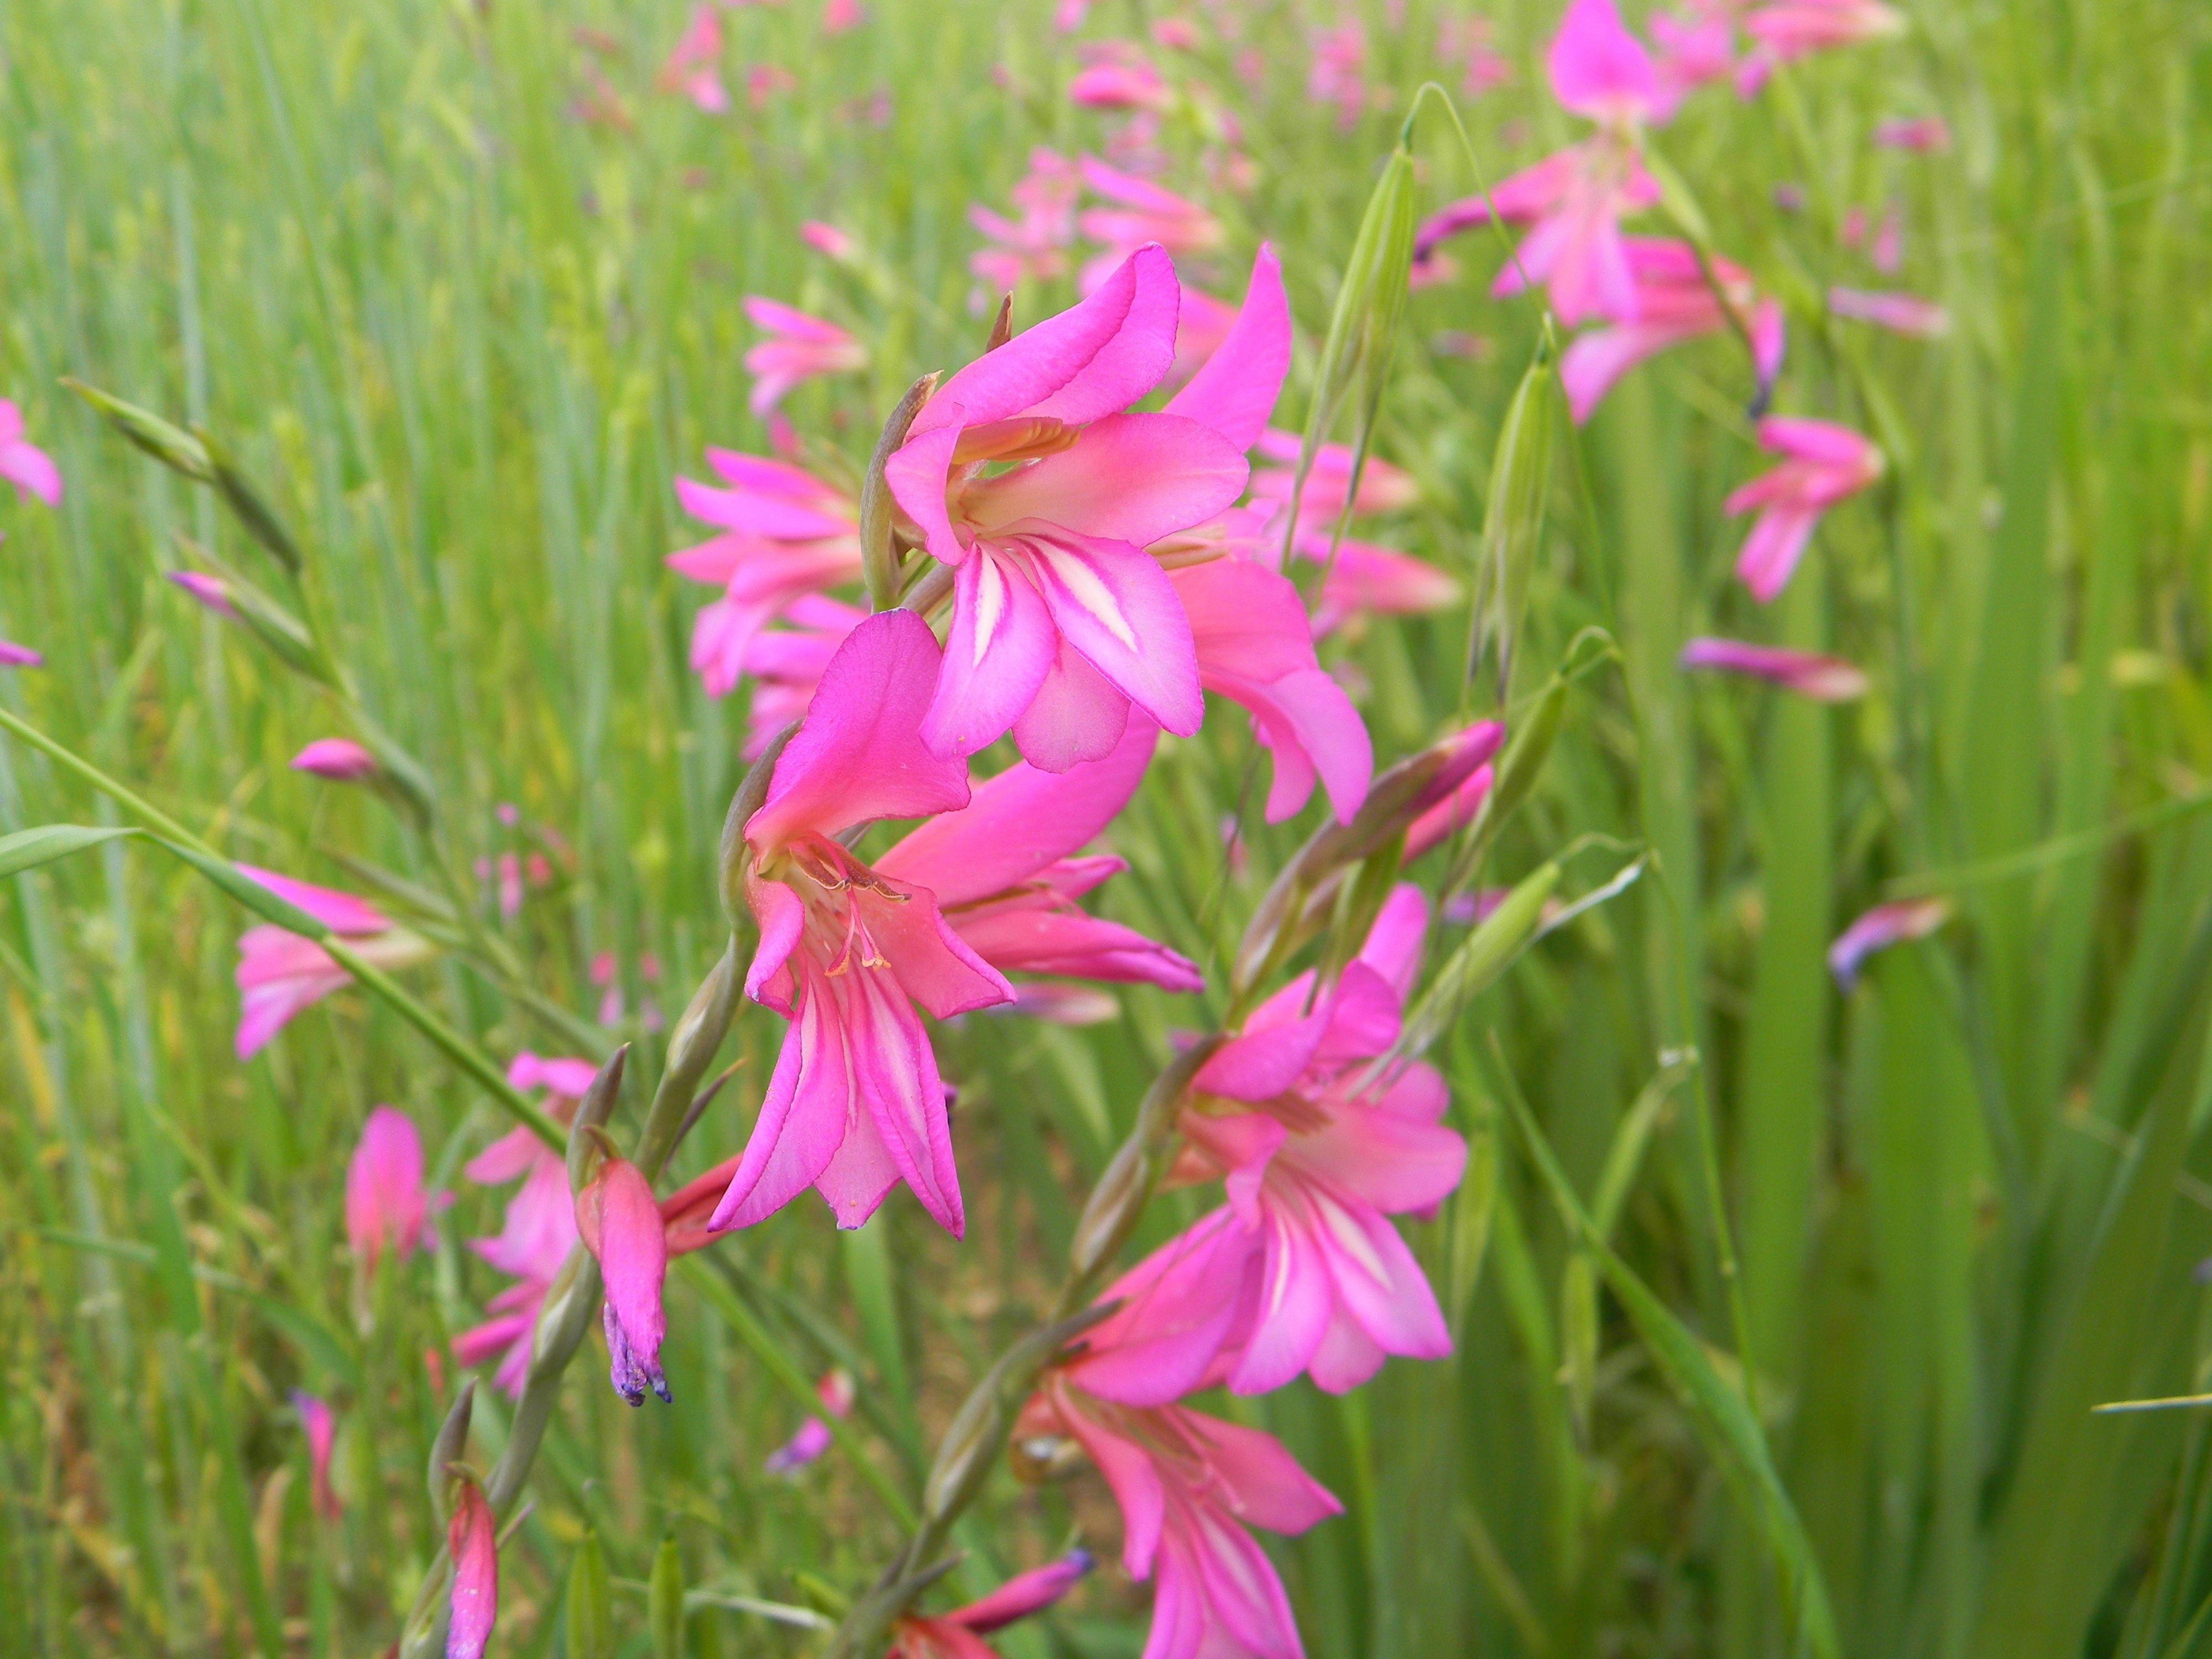 The Wild Gladiolus Gladiolus italicus